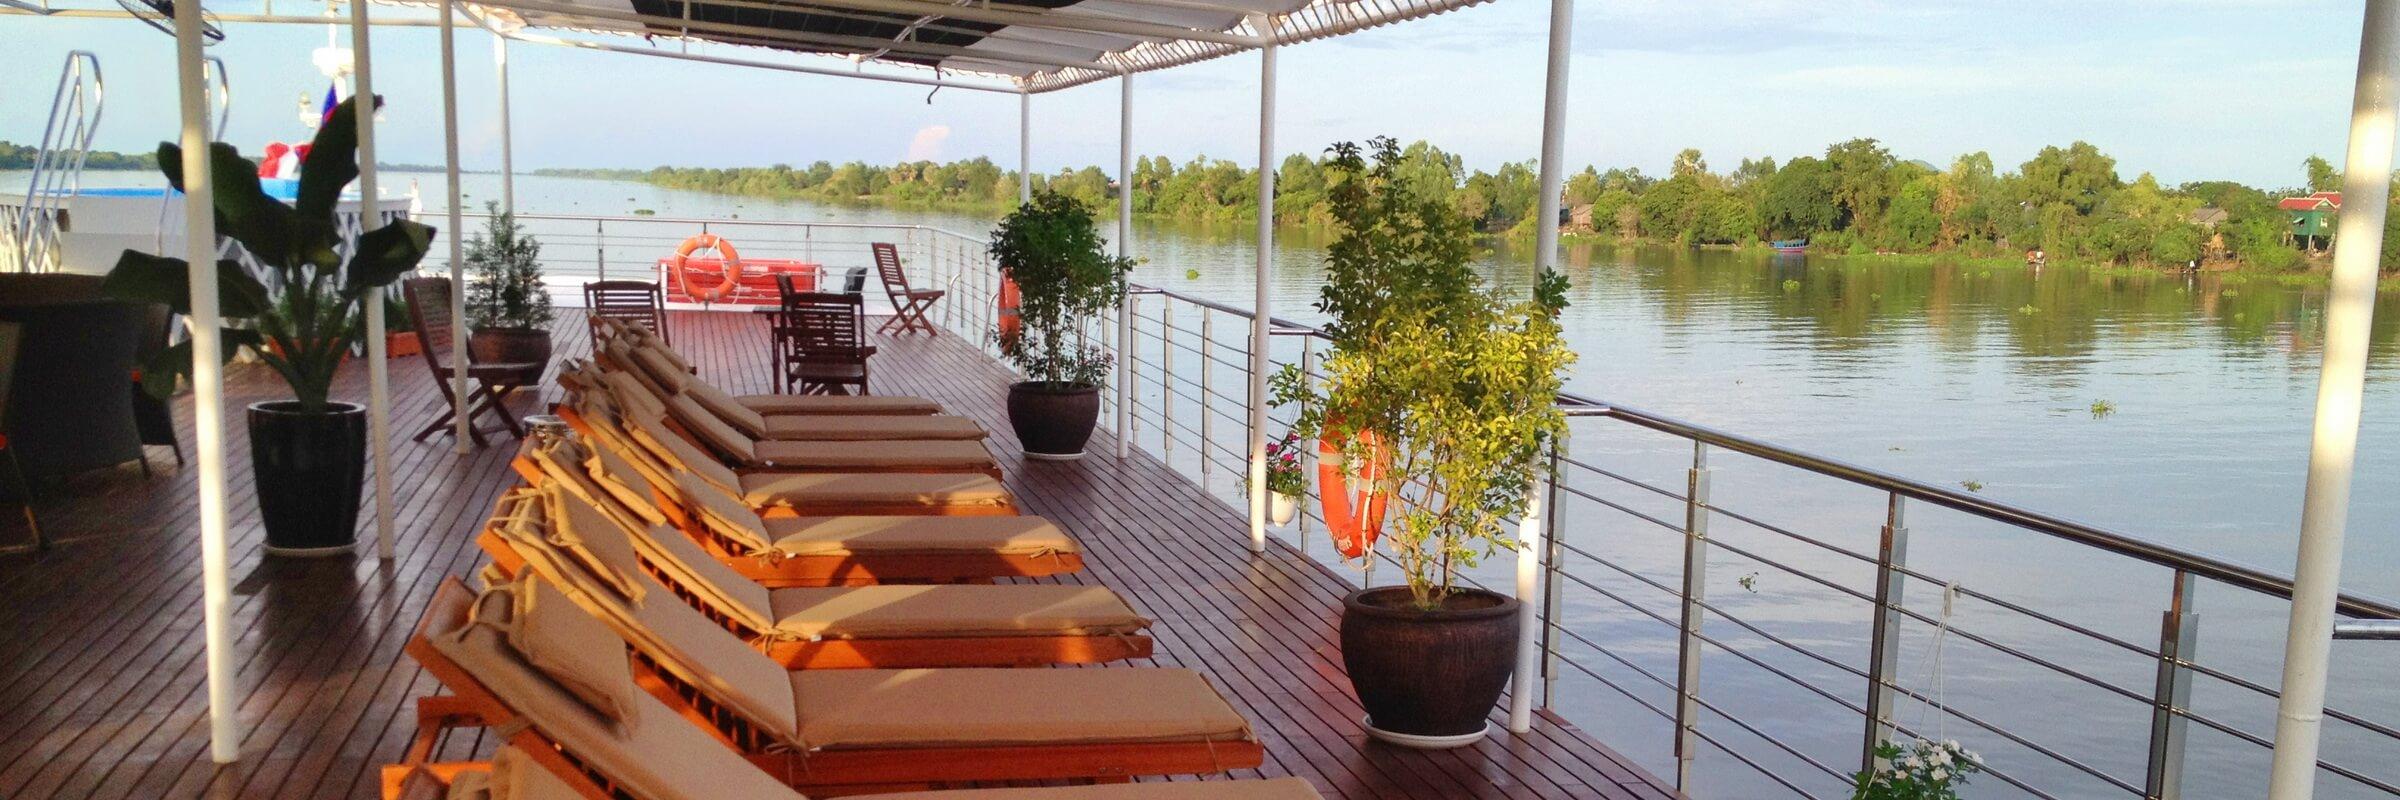 Das Sonnendeck der Mekong Adventurer mit bequemen Liegestühlen und Whirl-Pool lässt keine Wünsche offen.